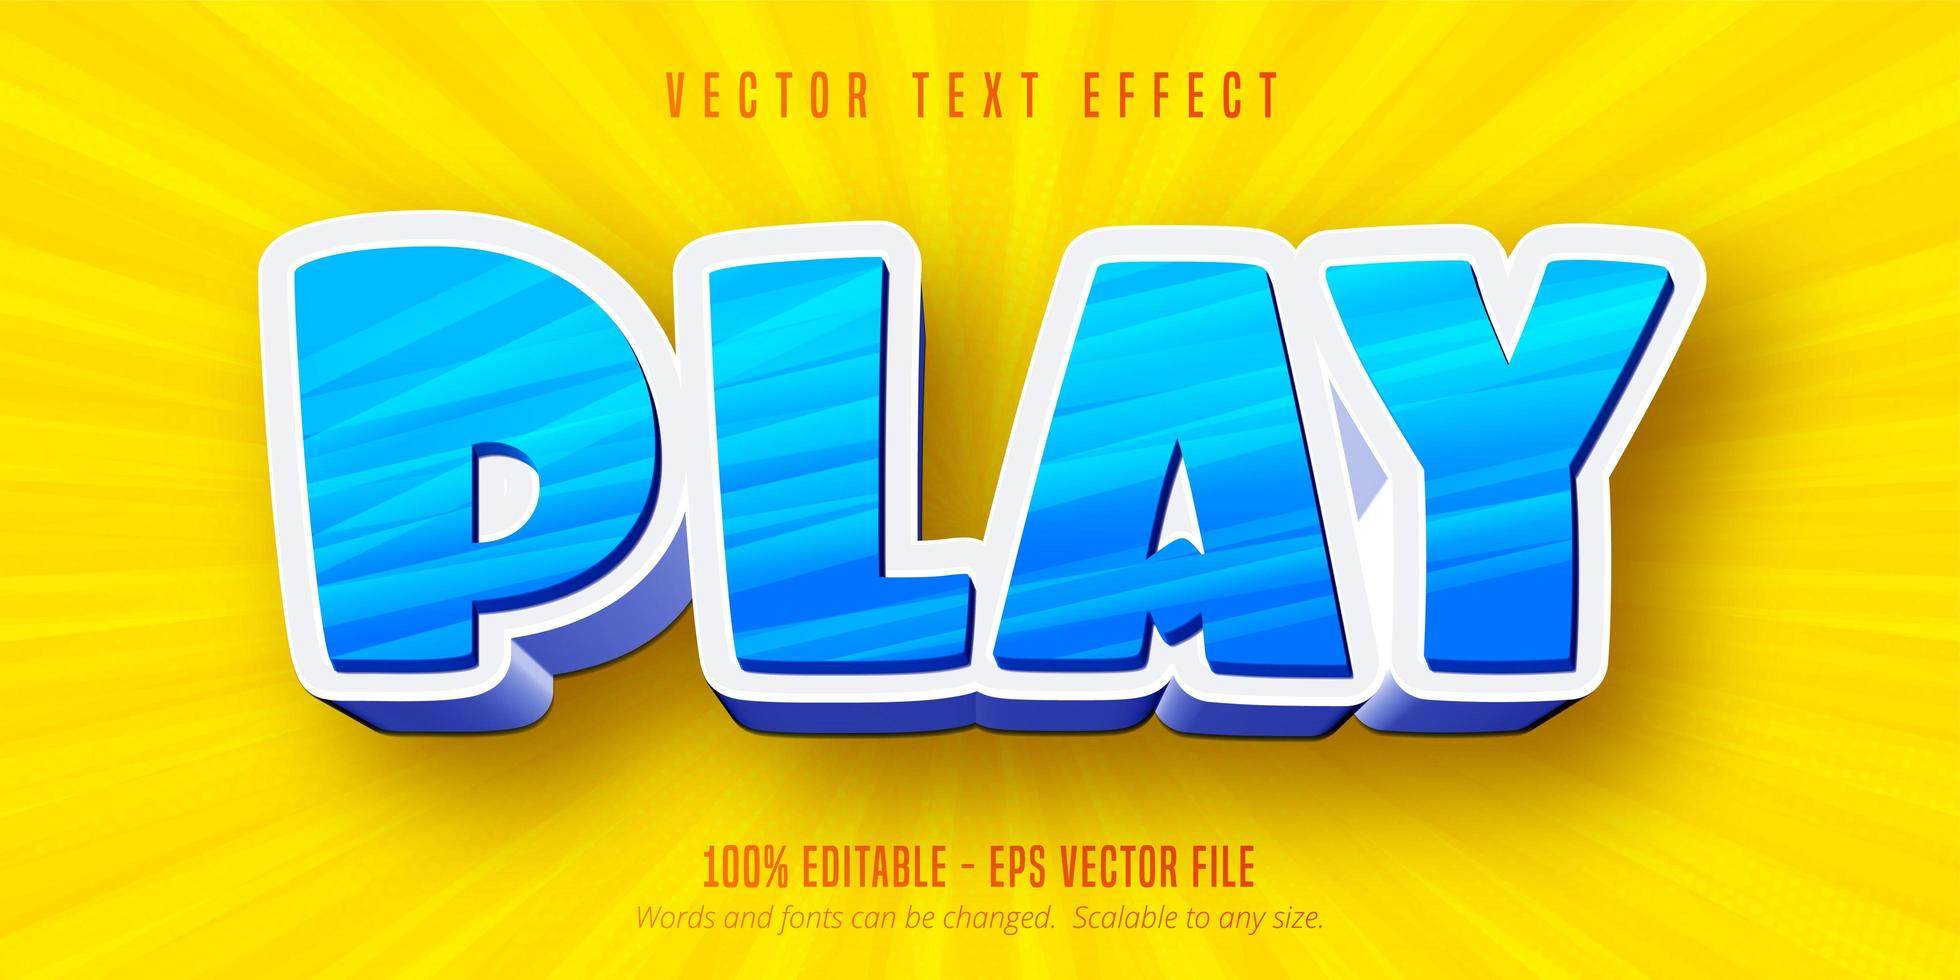 effet de texte modifiable de style dessin animé bleu et blanc vecteur